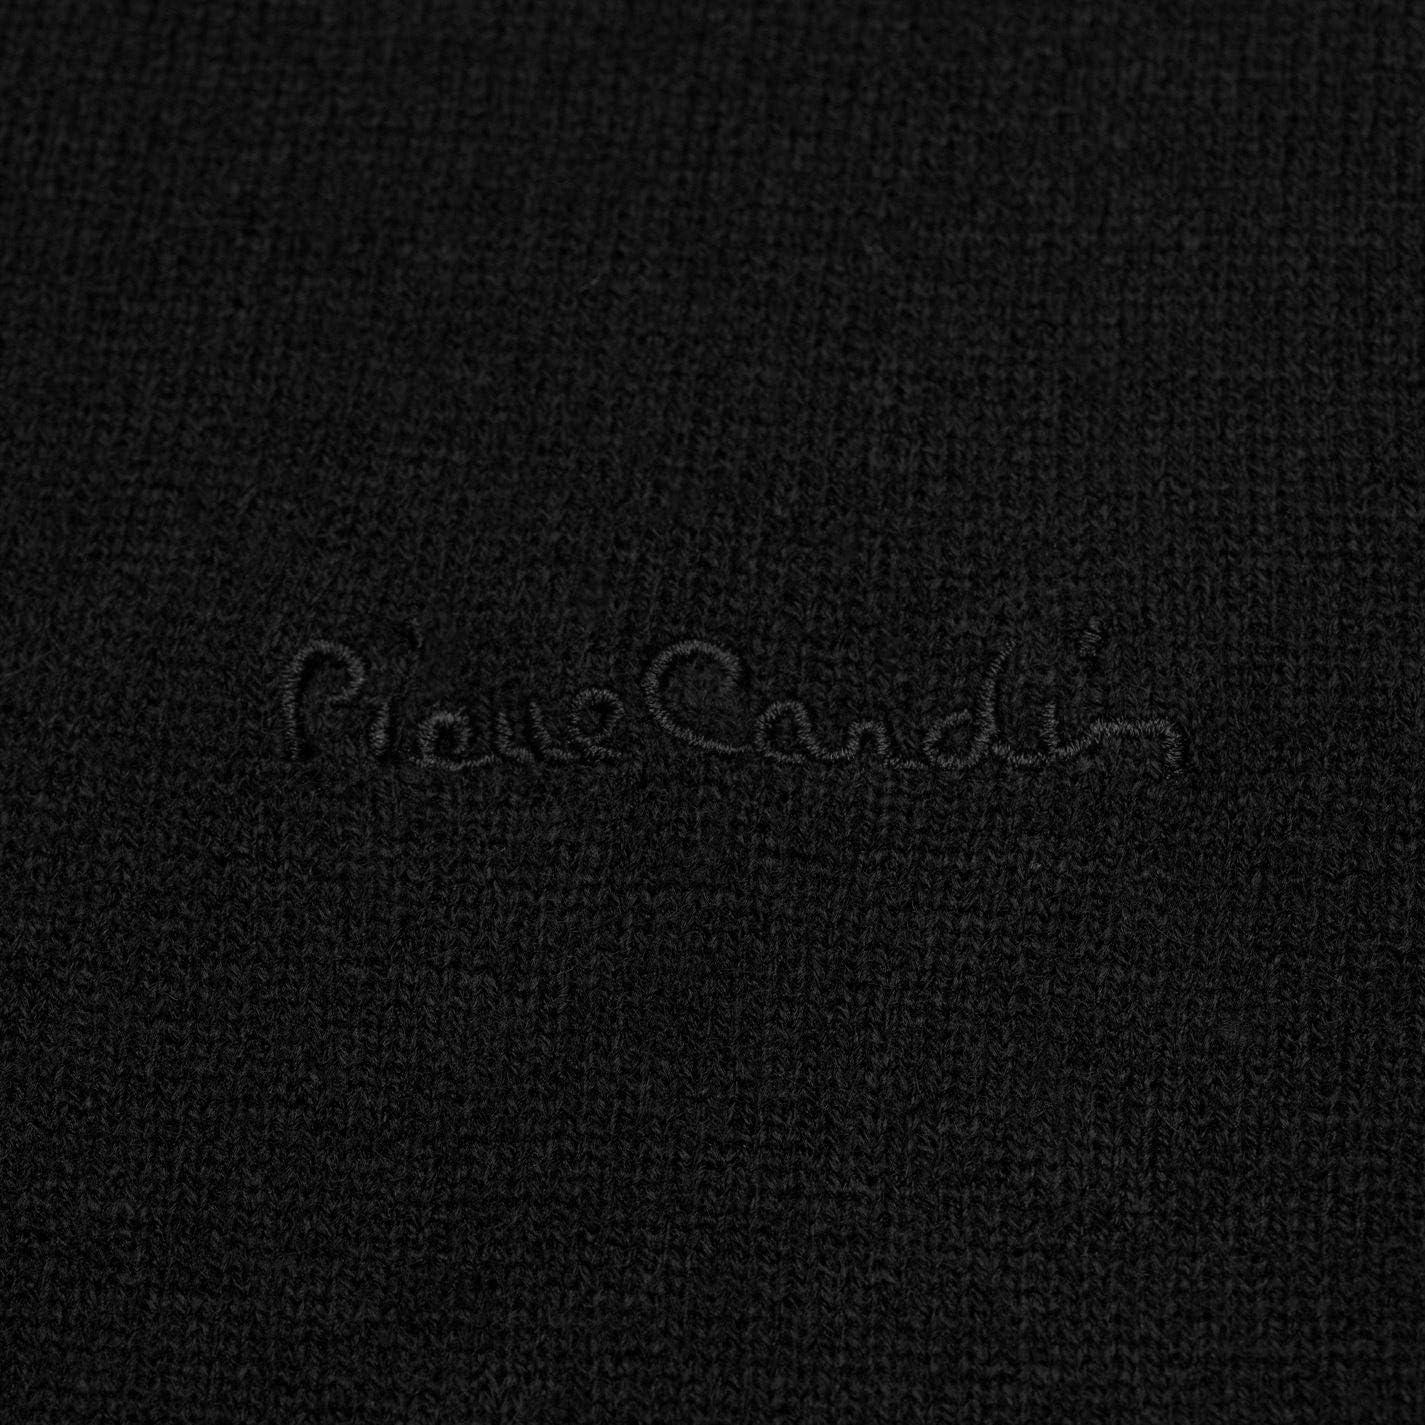 Pierre Cardin Maglione lavorato a maglia con scollo a V e inserto con il colletto di camicia